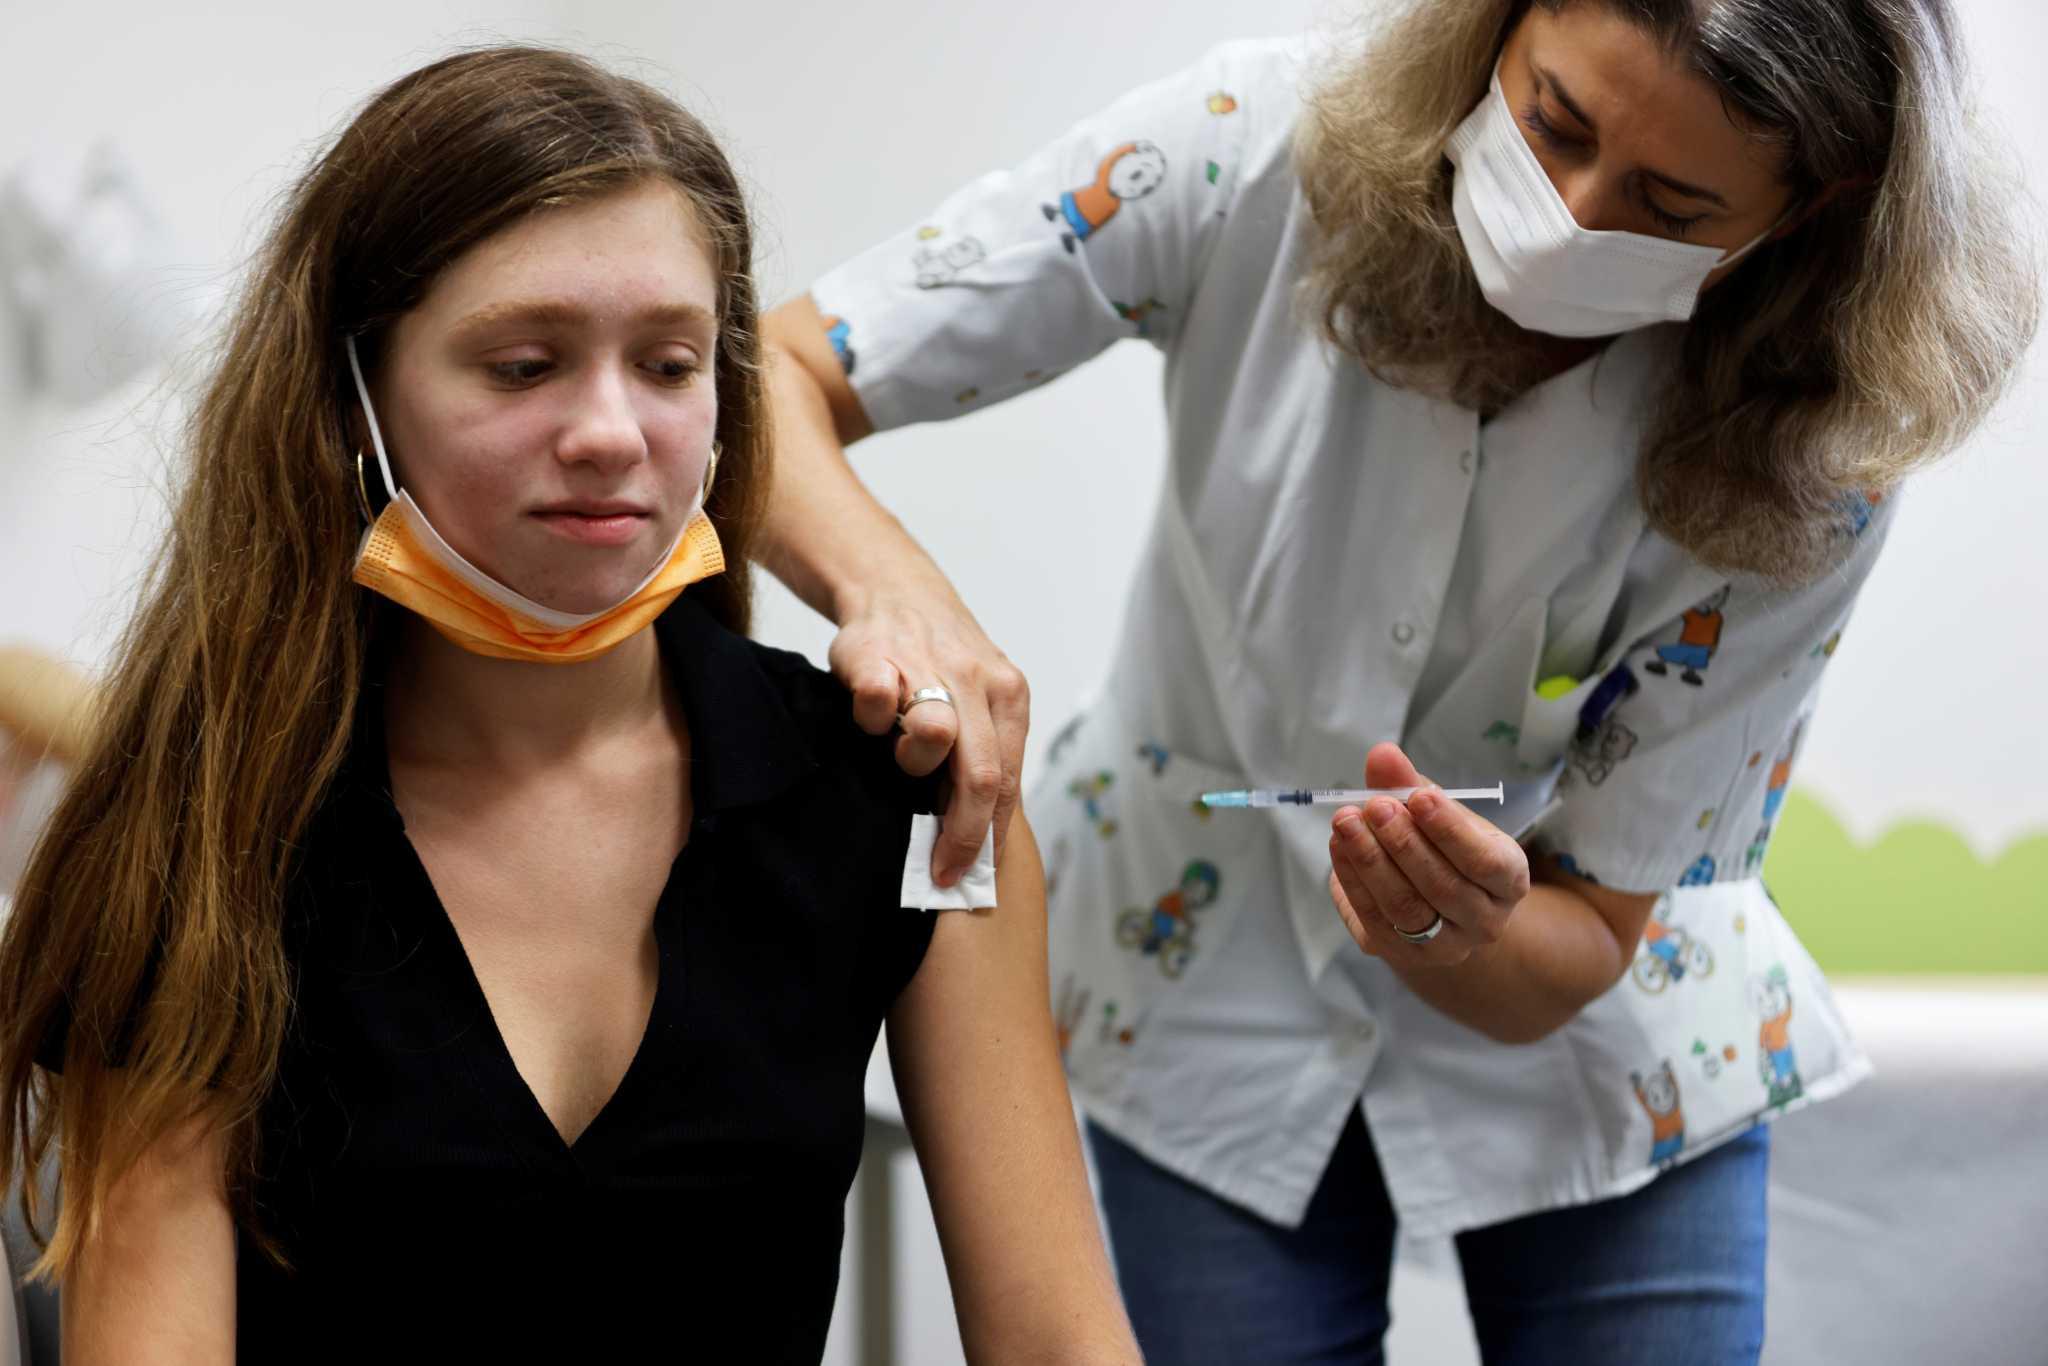 Ισραήλ: Σε καραντίνα και οι εμβολιασμένοι που εκτίθενται στην μετάλλαξη Δέλτα